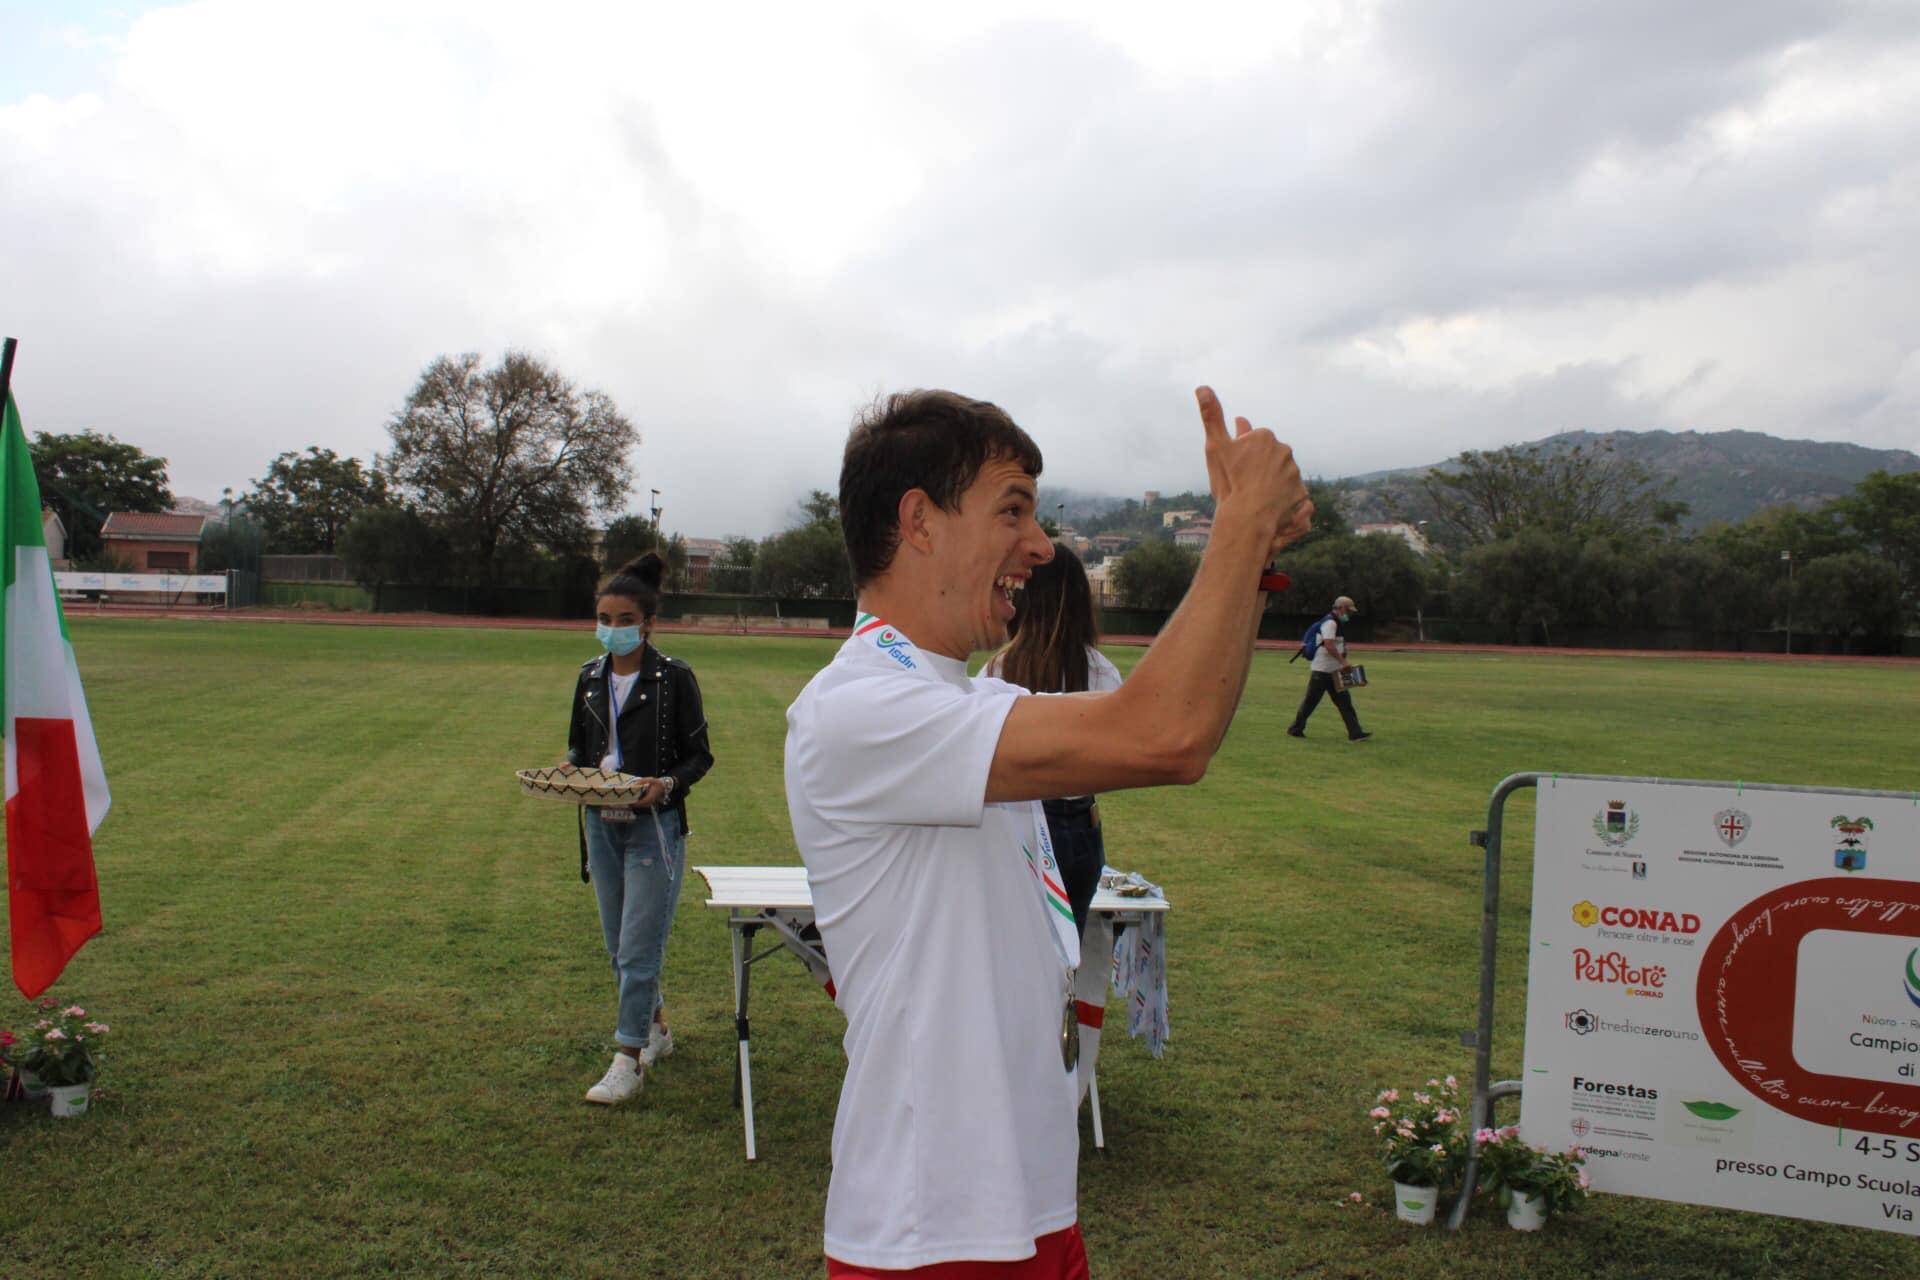 Atletica leggera, il Campionato italiano regala 7 nuovi record